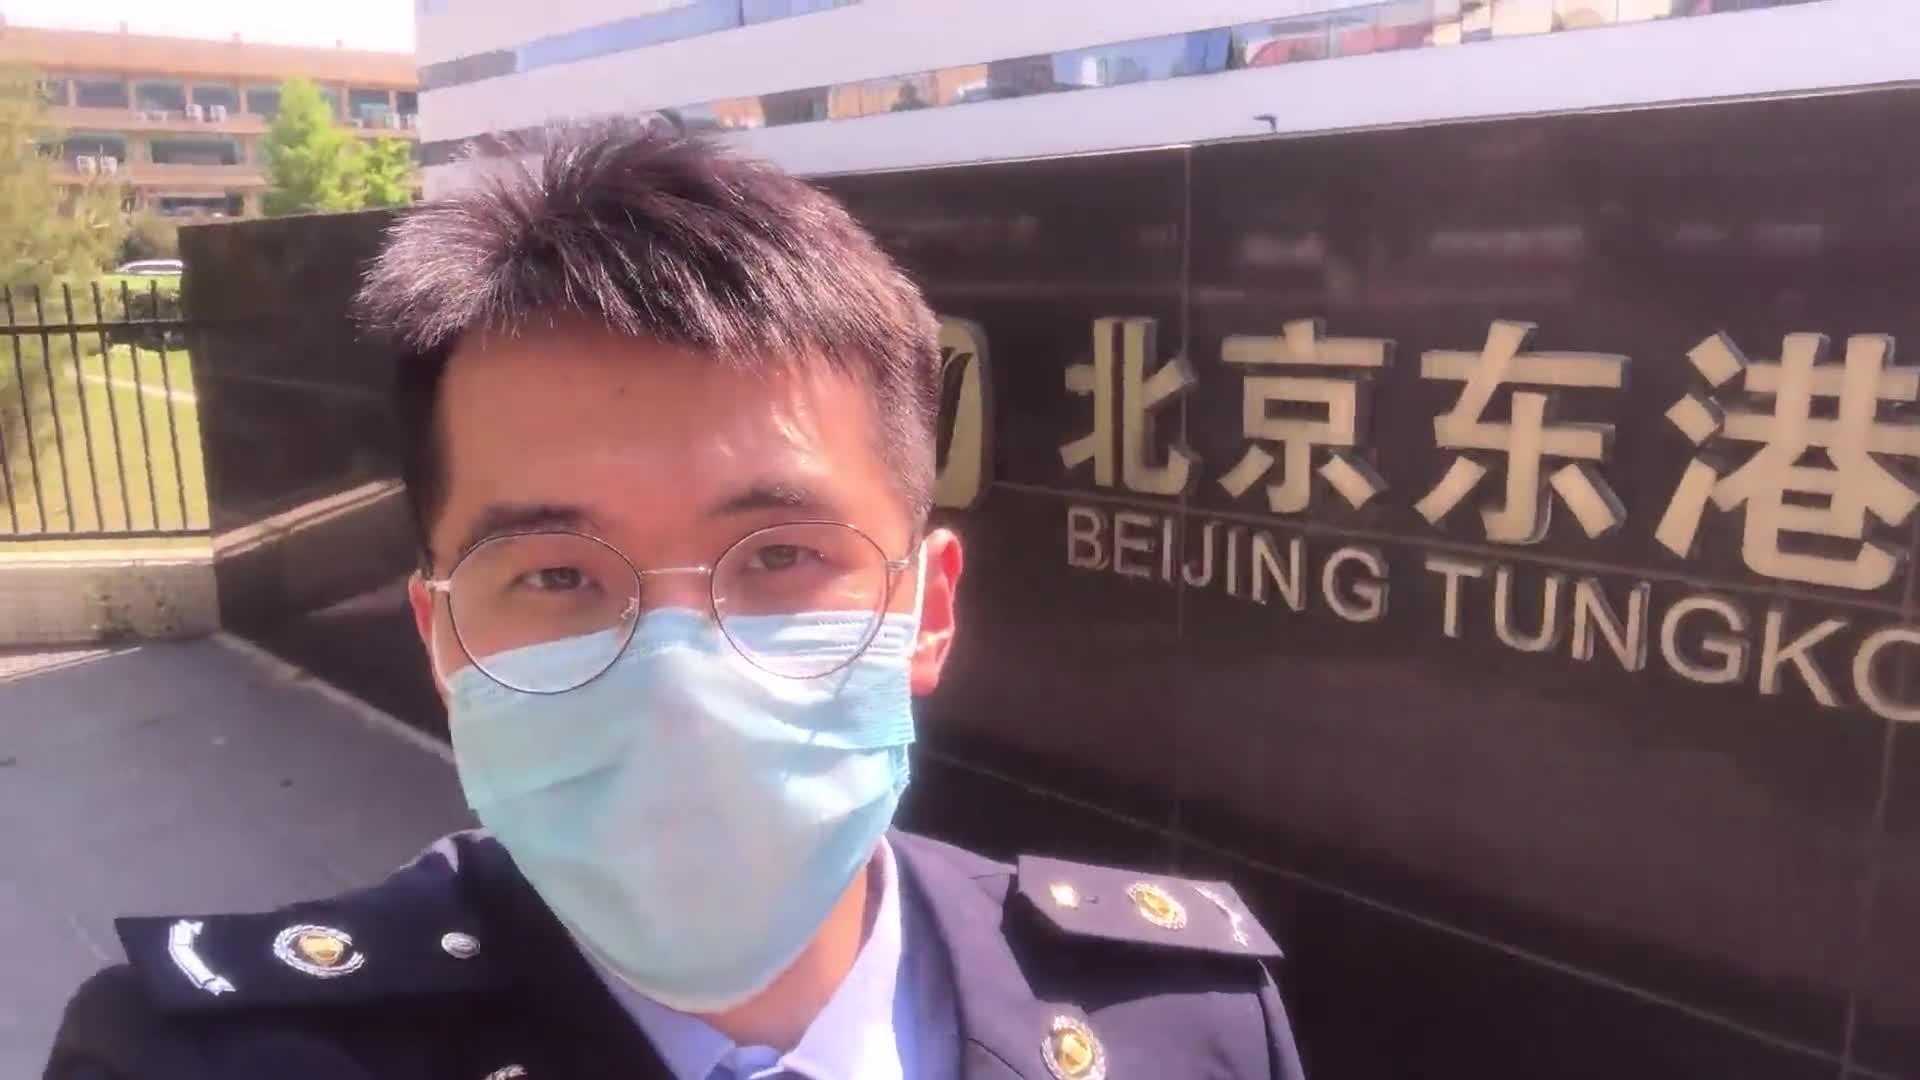 在北京,领用发票有多快?